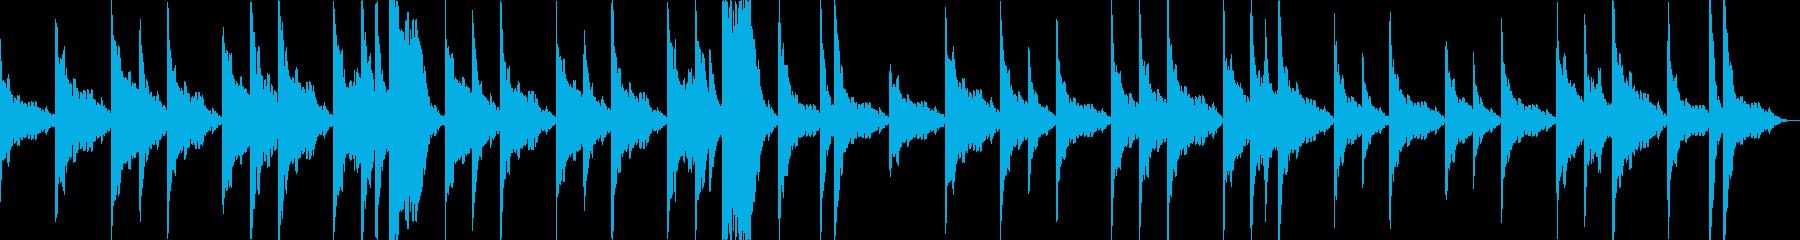 シタールの謎めいたお寺のBGMの再生済みの波形